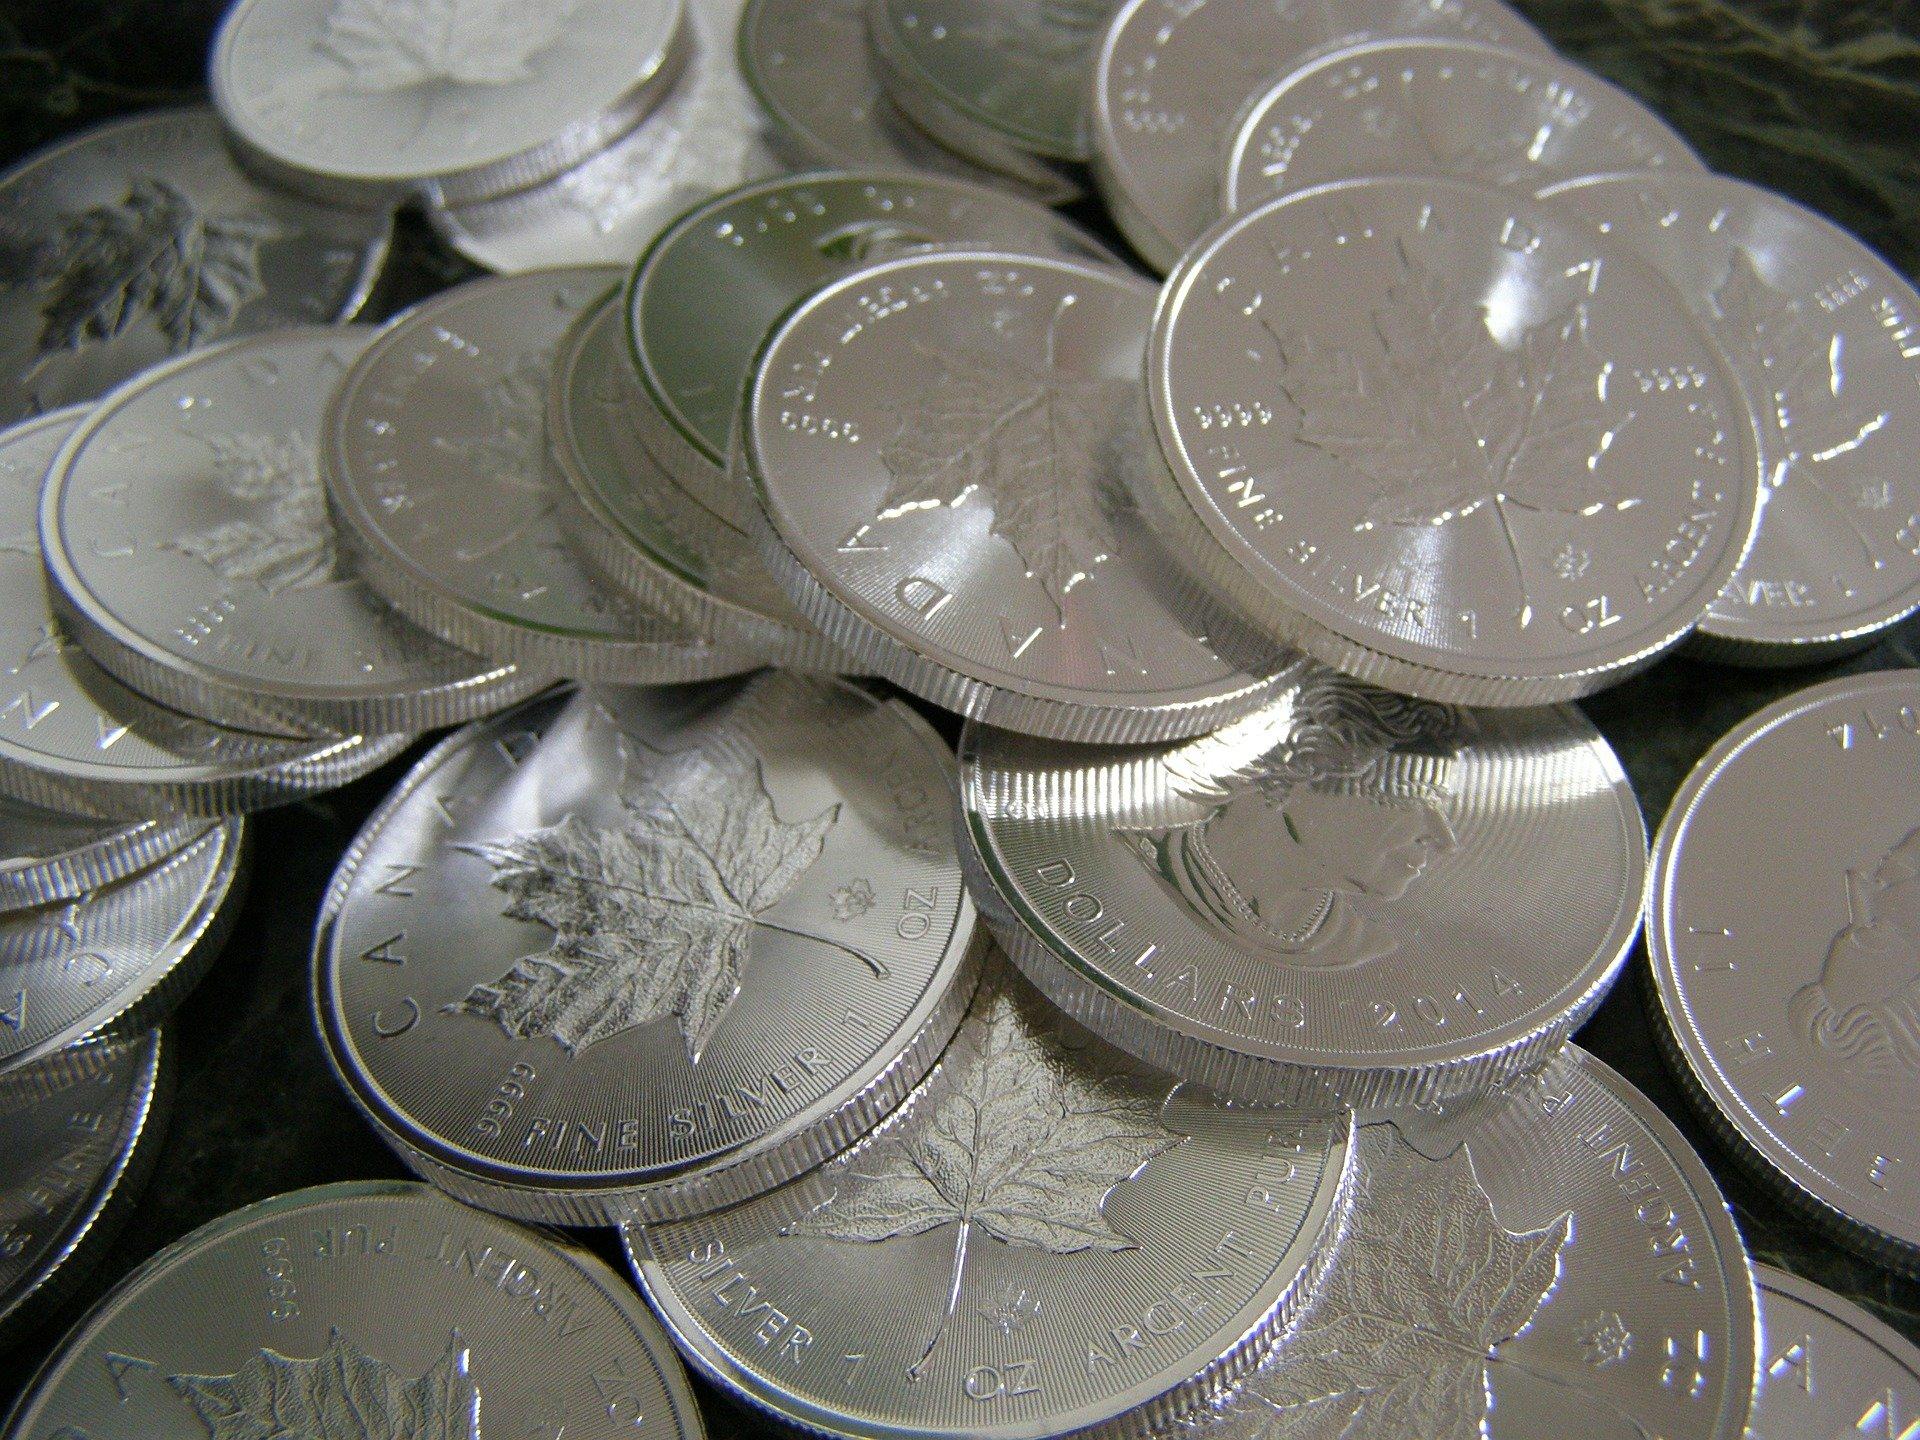 Kanadyjskie monety nie są zbyt popularne w Polsce. Tradycja wybijania srebrnych monet pasuje tam do anglosaskiego zwyczaju.